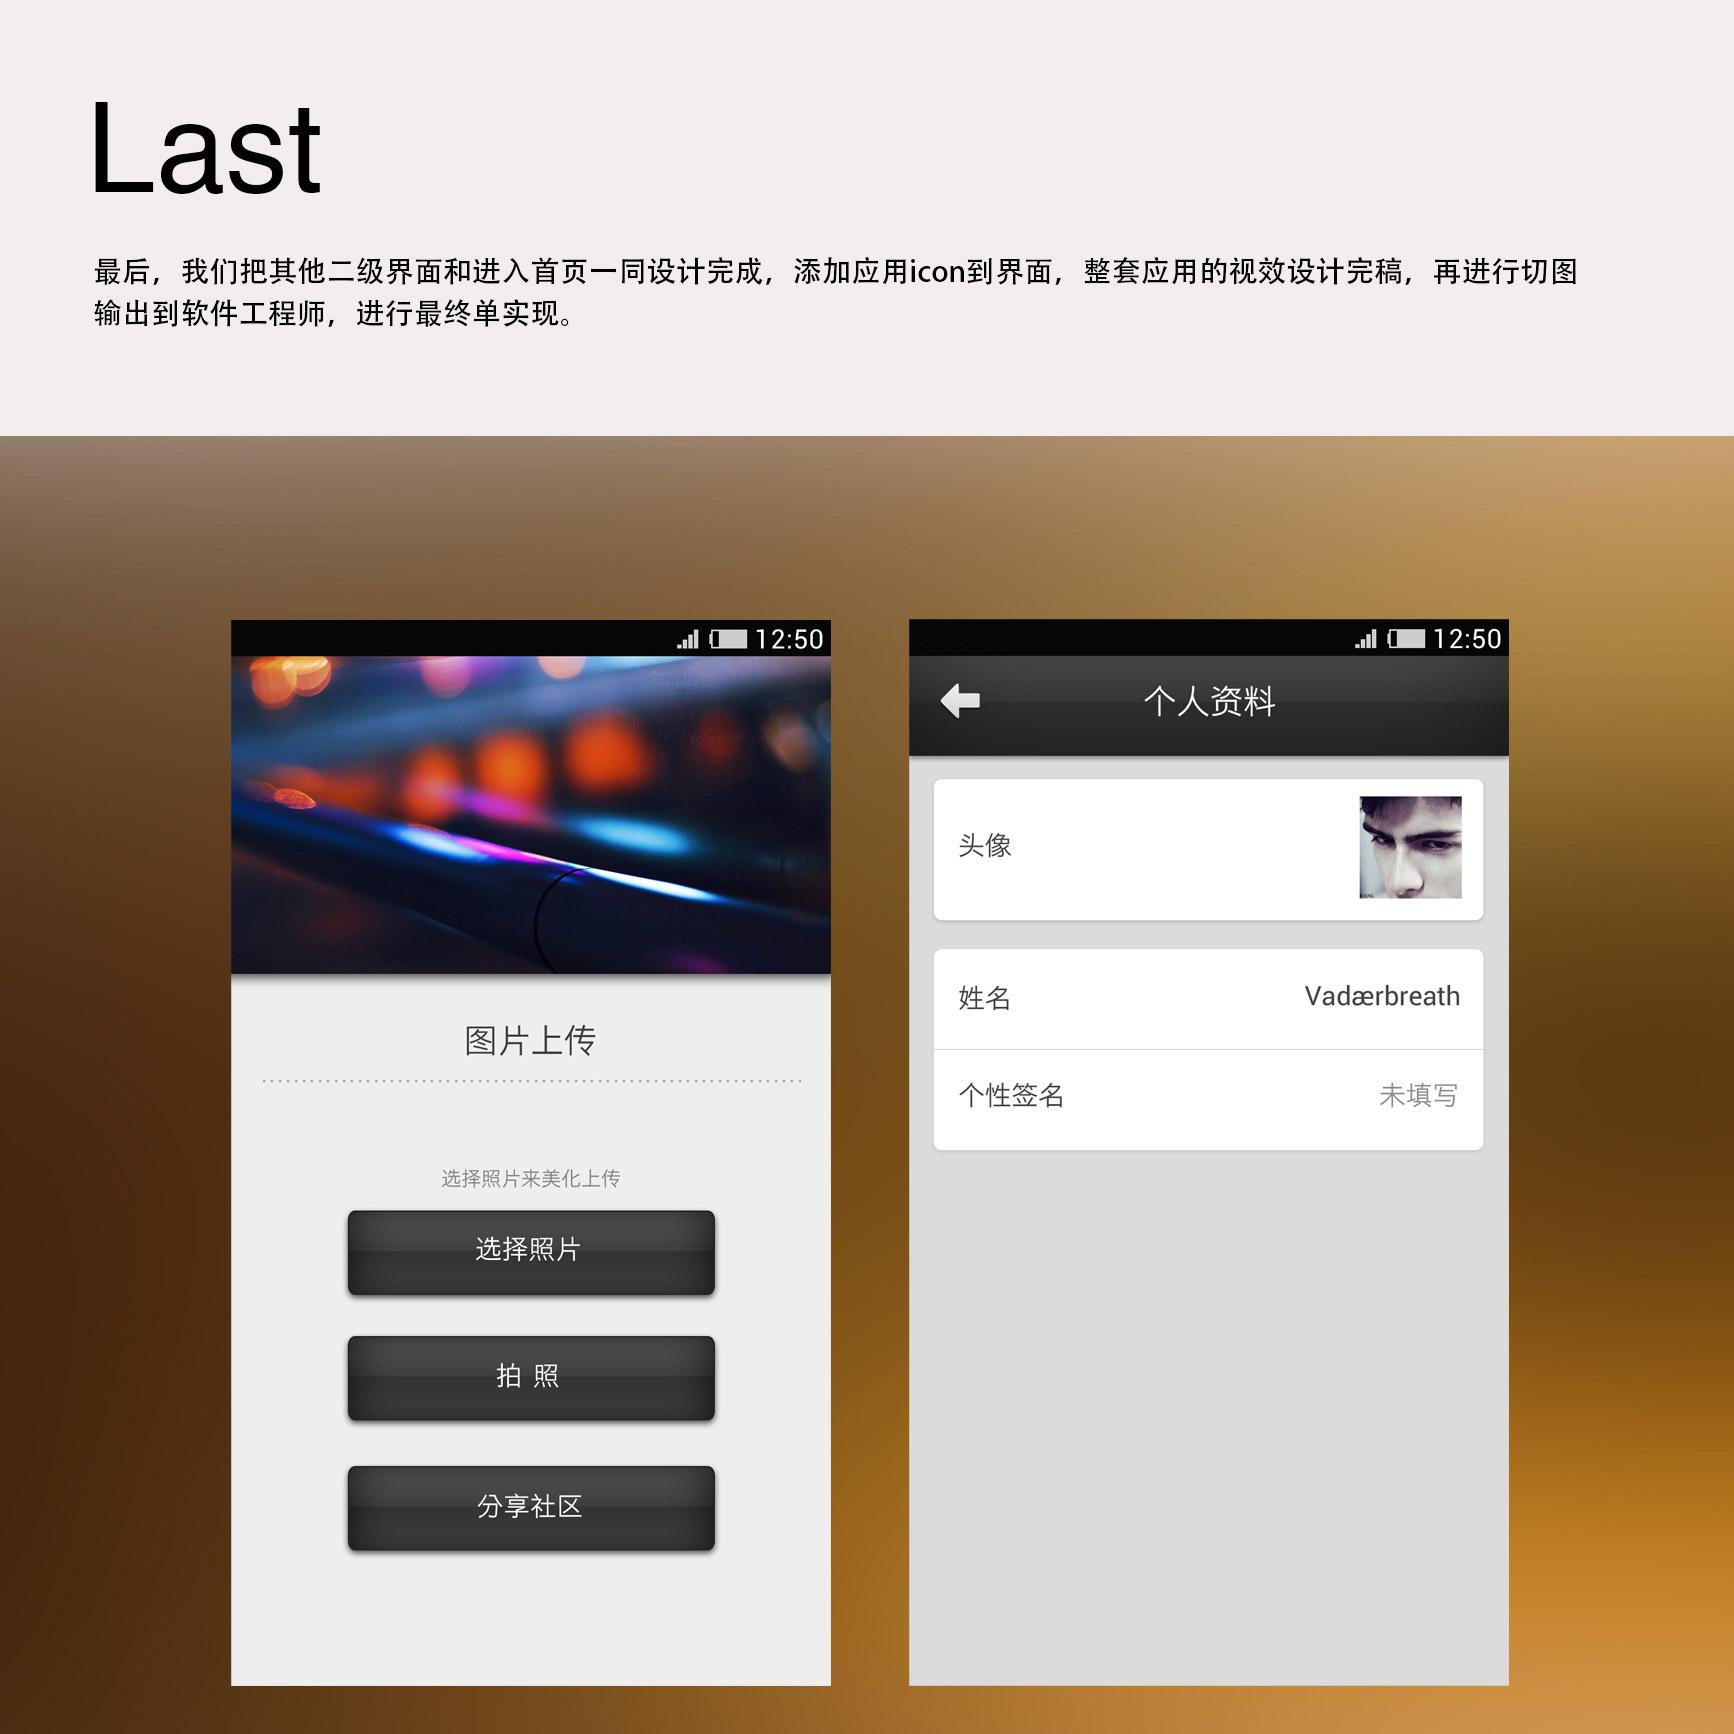 1462499957-2823-app-06